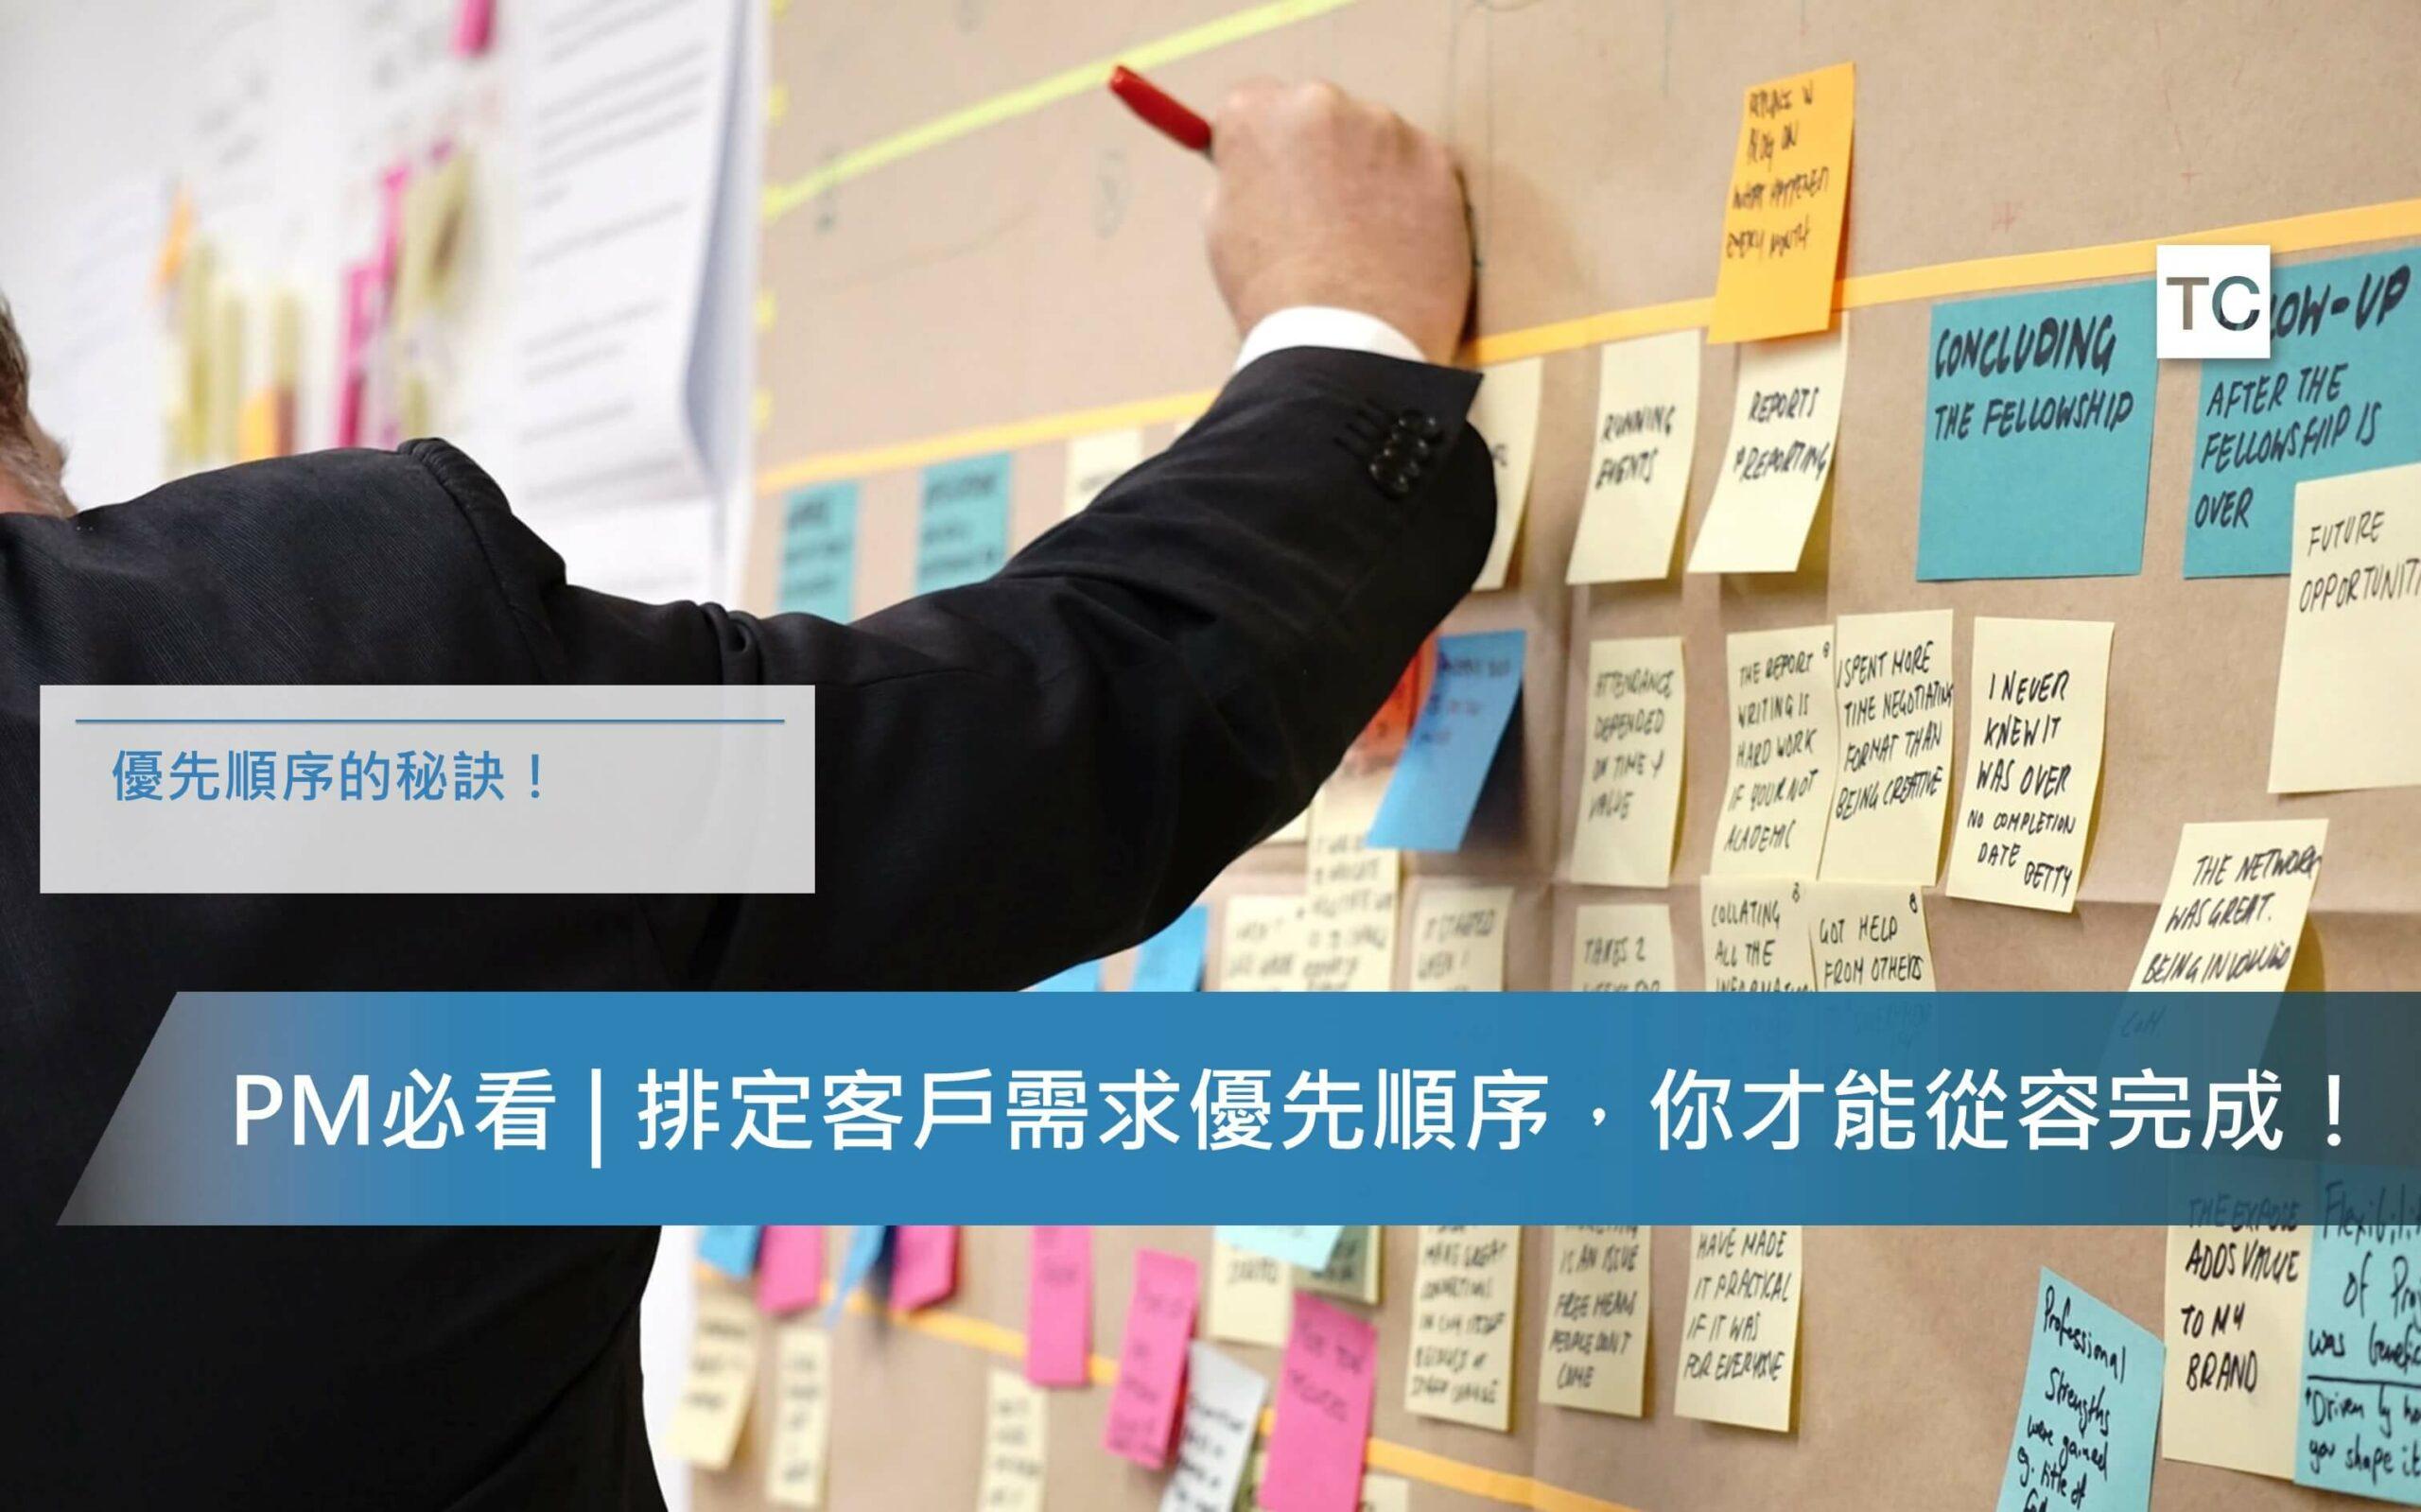 產品開發流程|PM必看!事情如何排定先後順序?